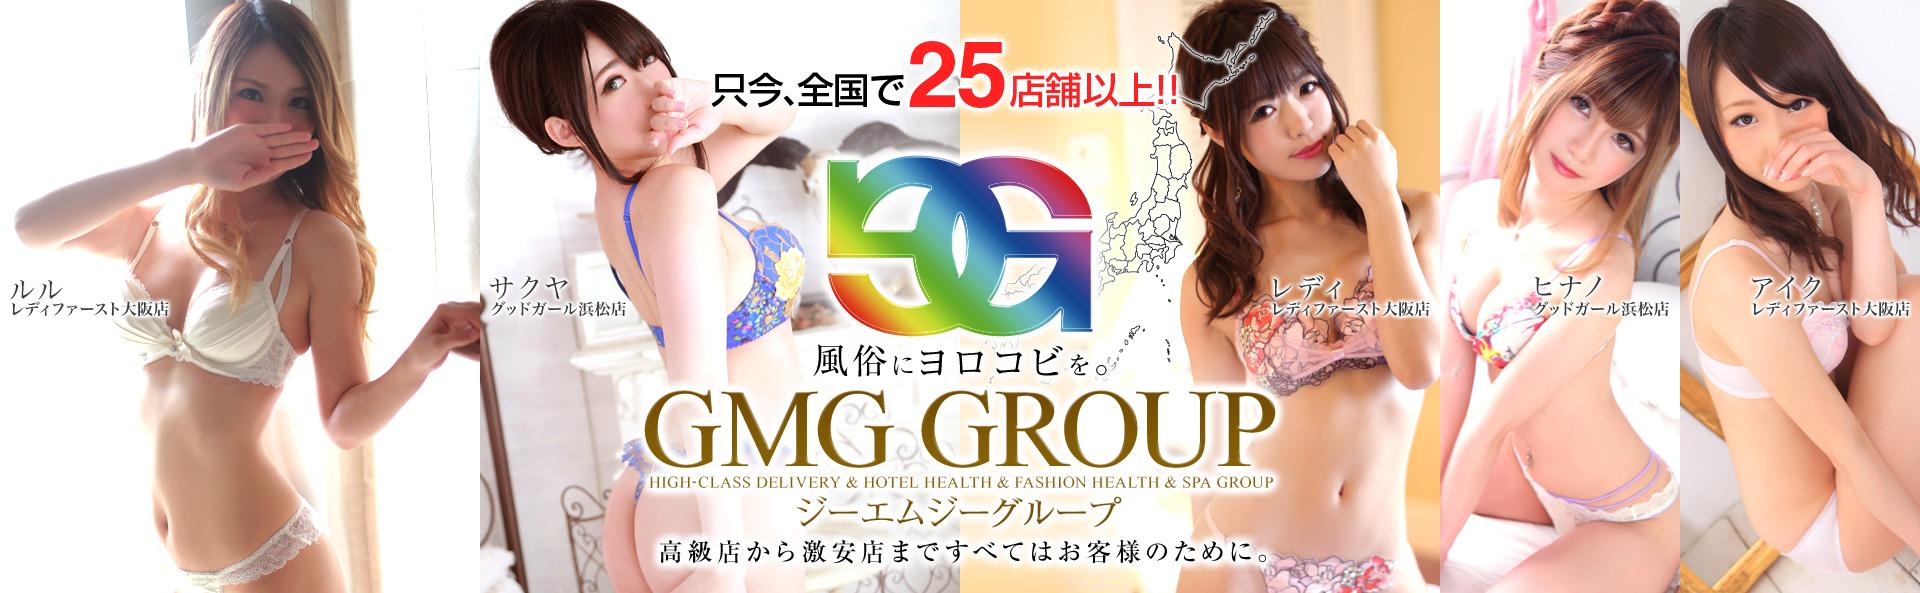 【広告】GMGグループ【KHN・グループコミュニティ】